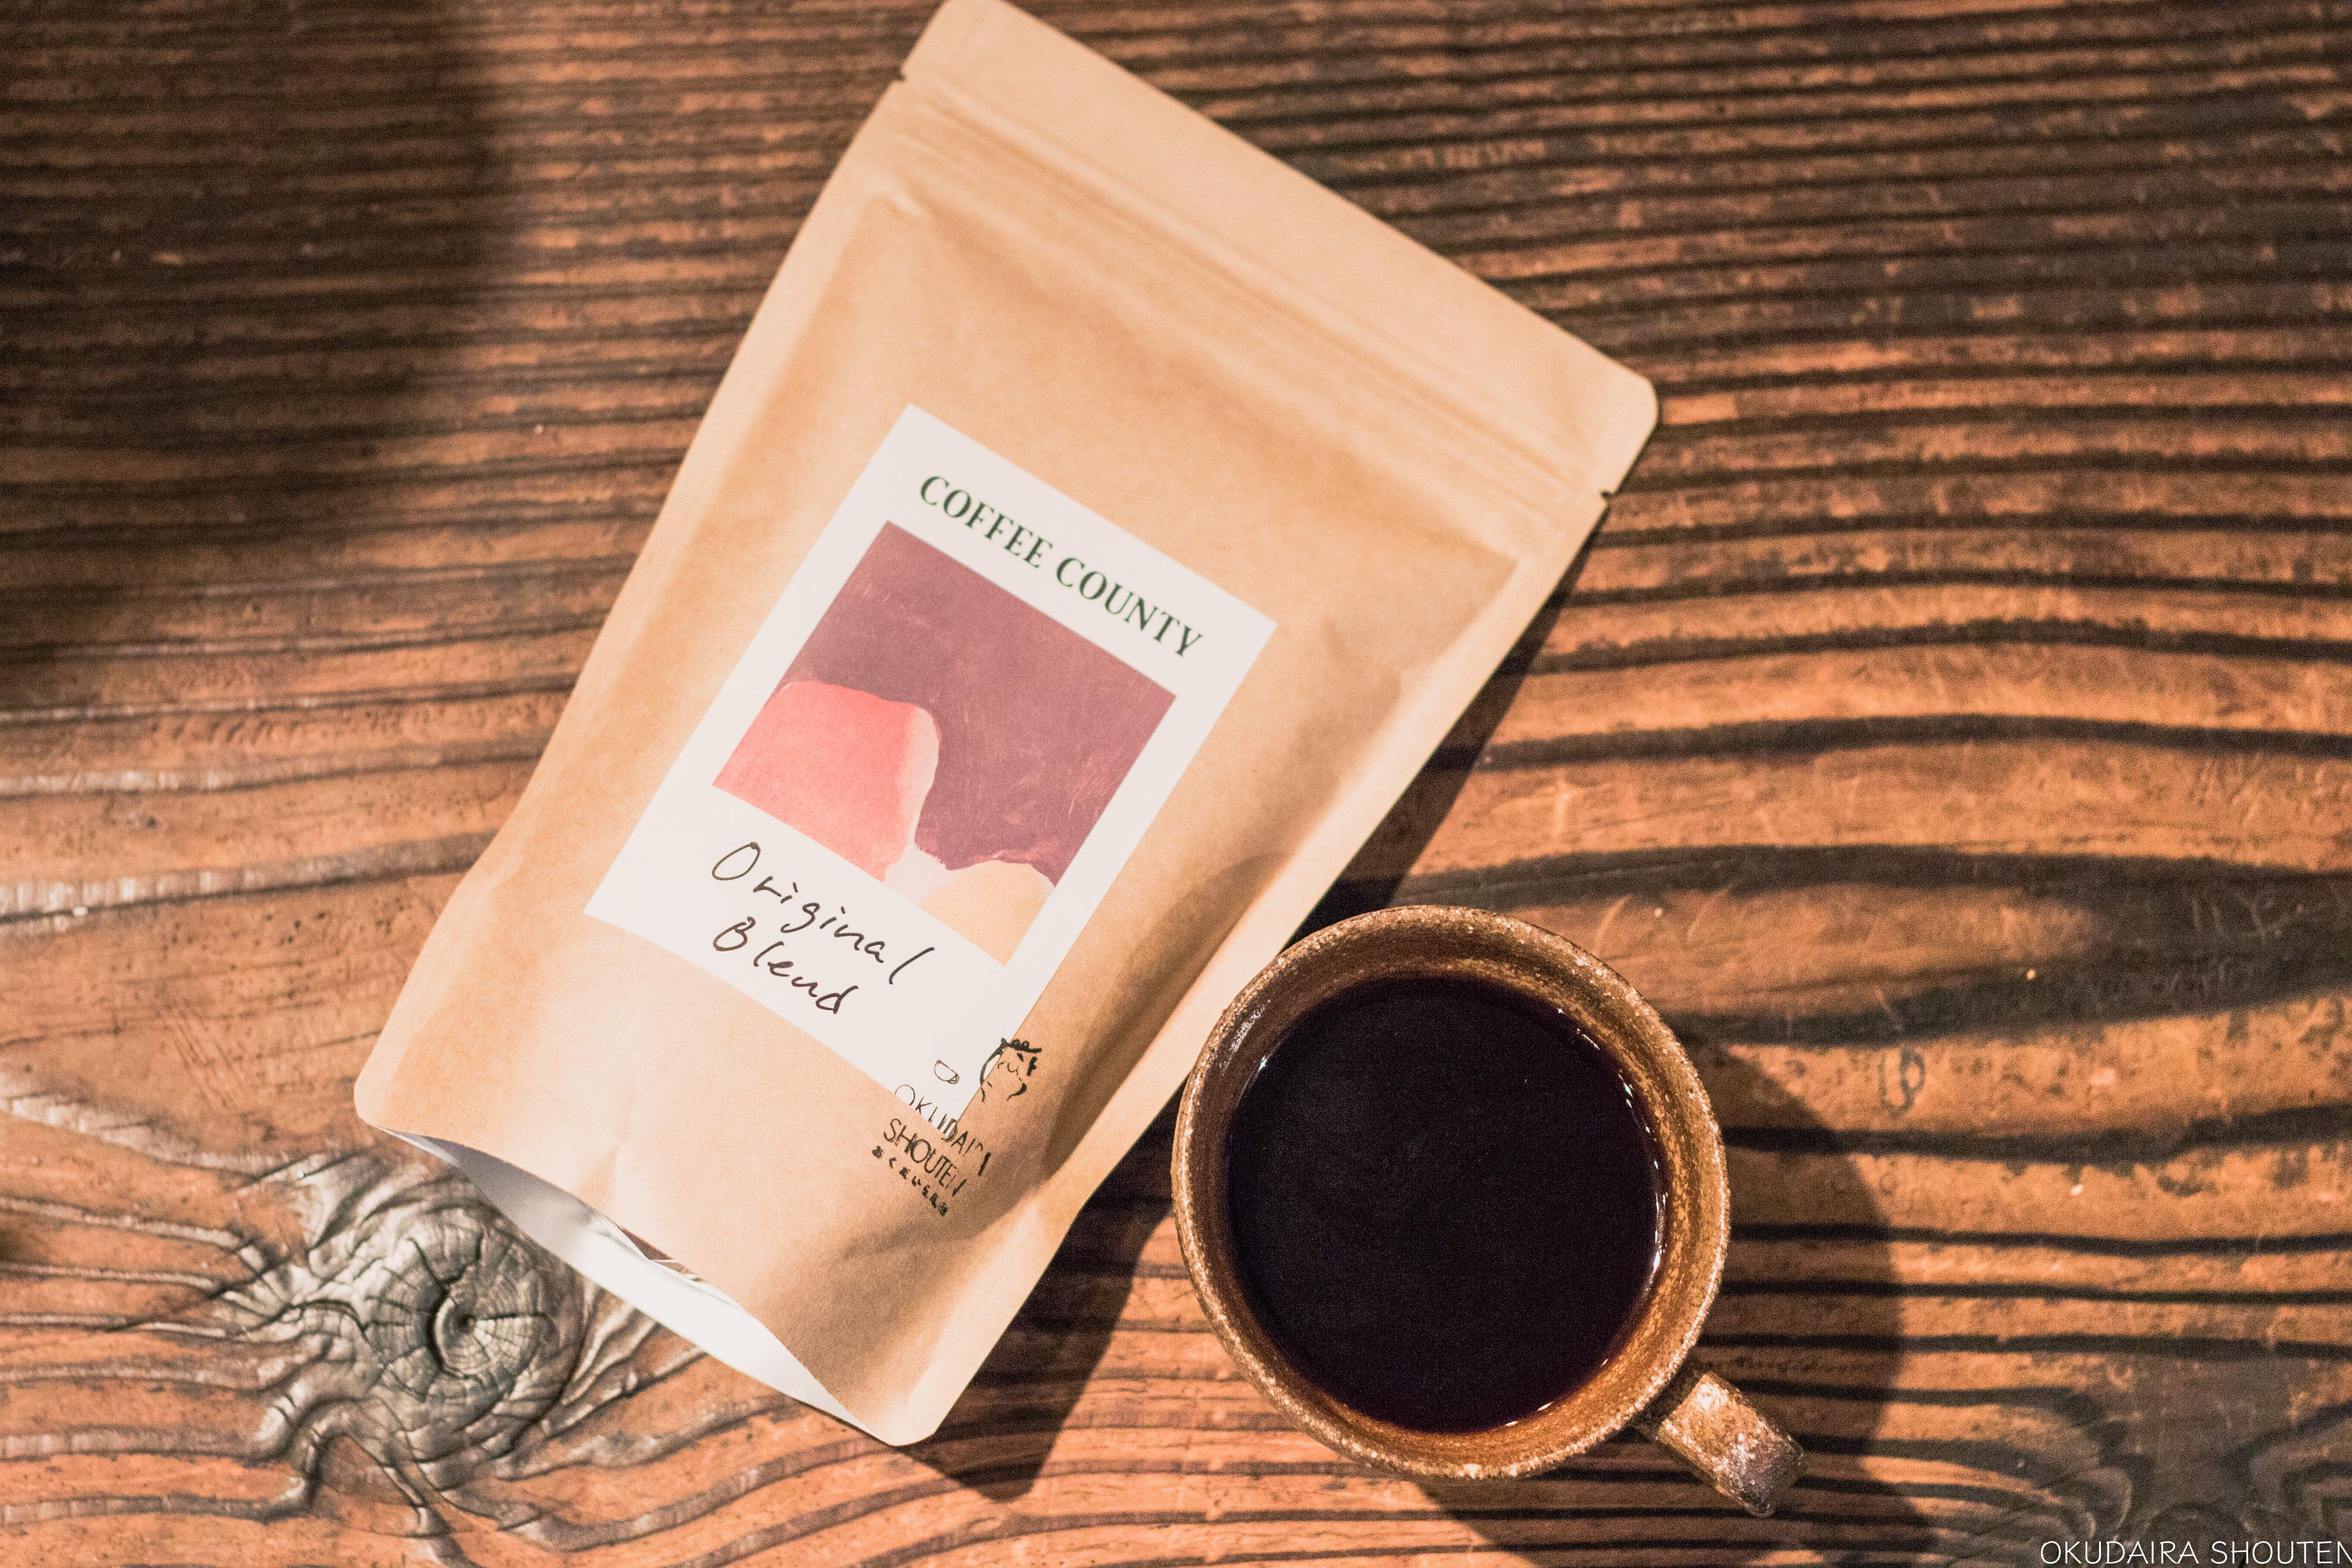 オリジナルブレンドコーヒー 200g